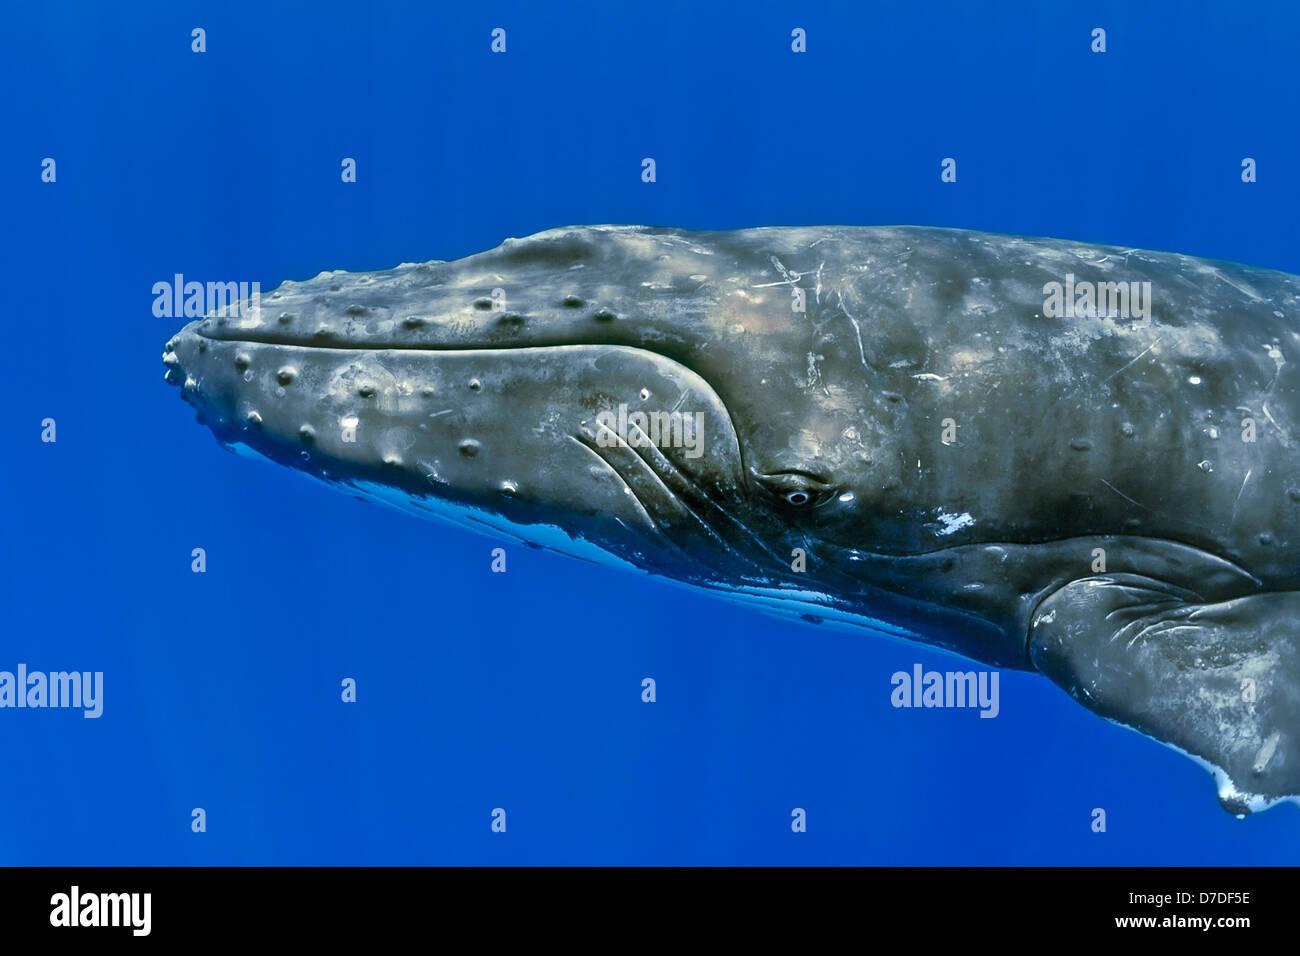 La ballena jorobada, Megaptera novaeangliae, Hawaii, EE.UU. Imagen De Stock